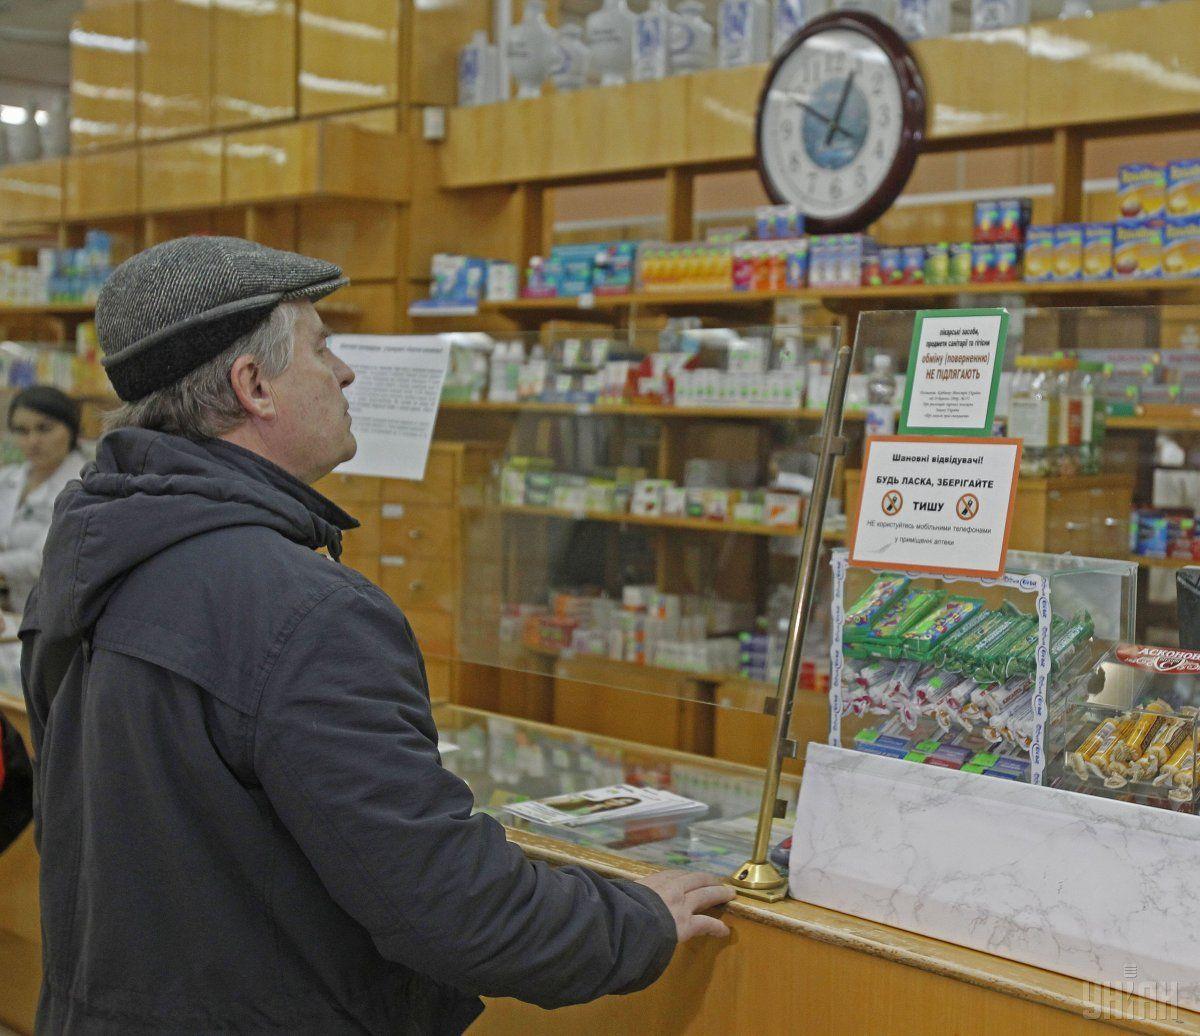 Операторам почтовой связи разрешили доставлять лекарства / фото УНИАН